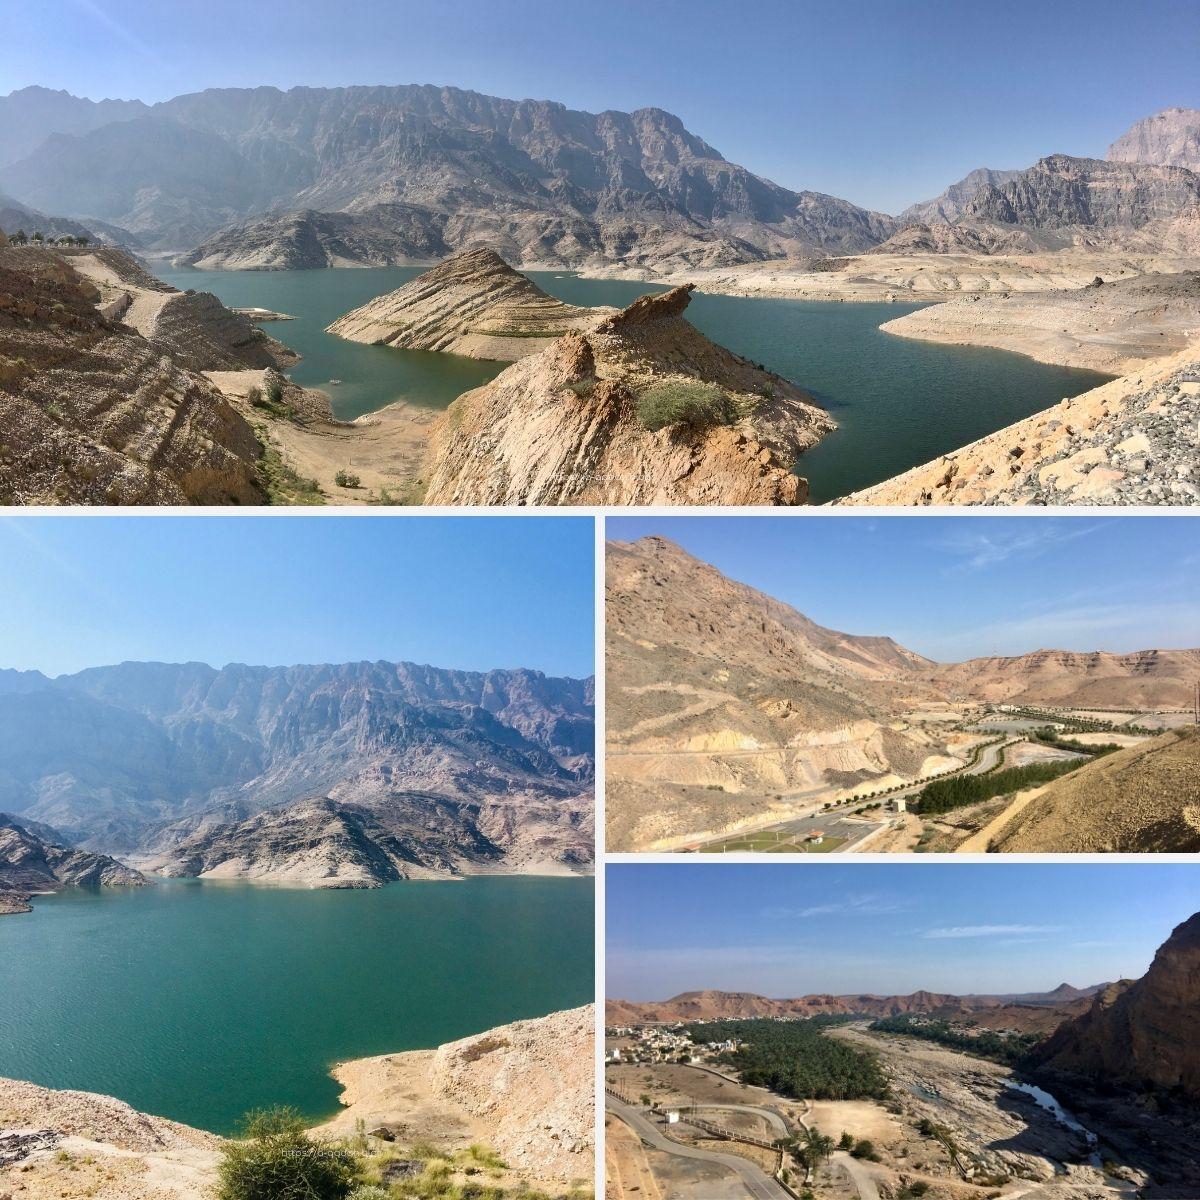 سد وادي الضيقة أودية في سلطنة عمان